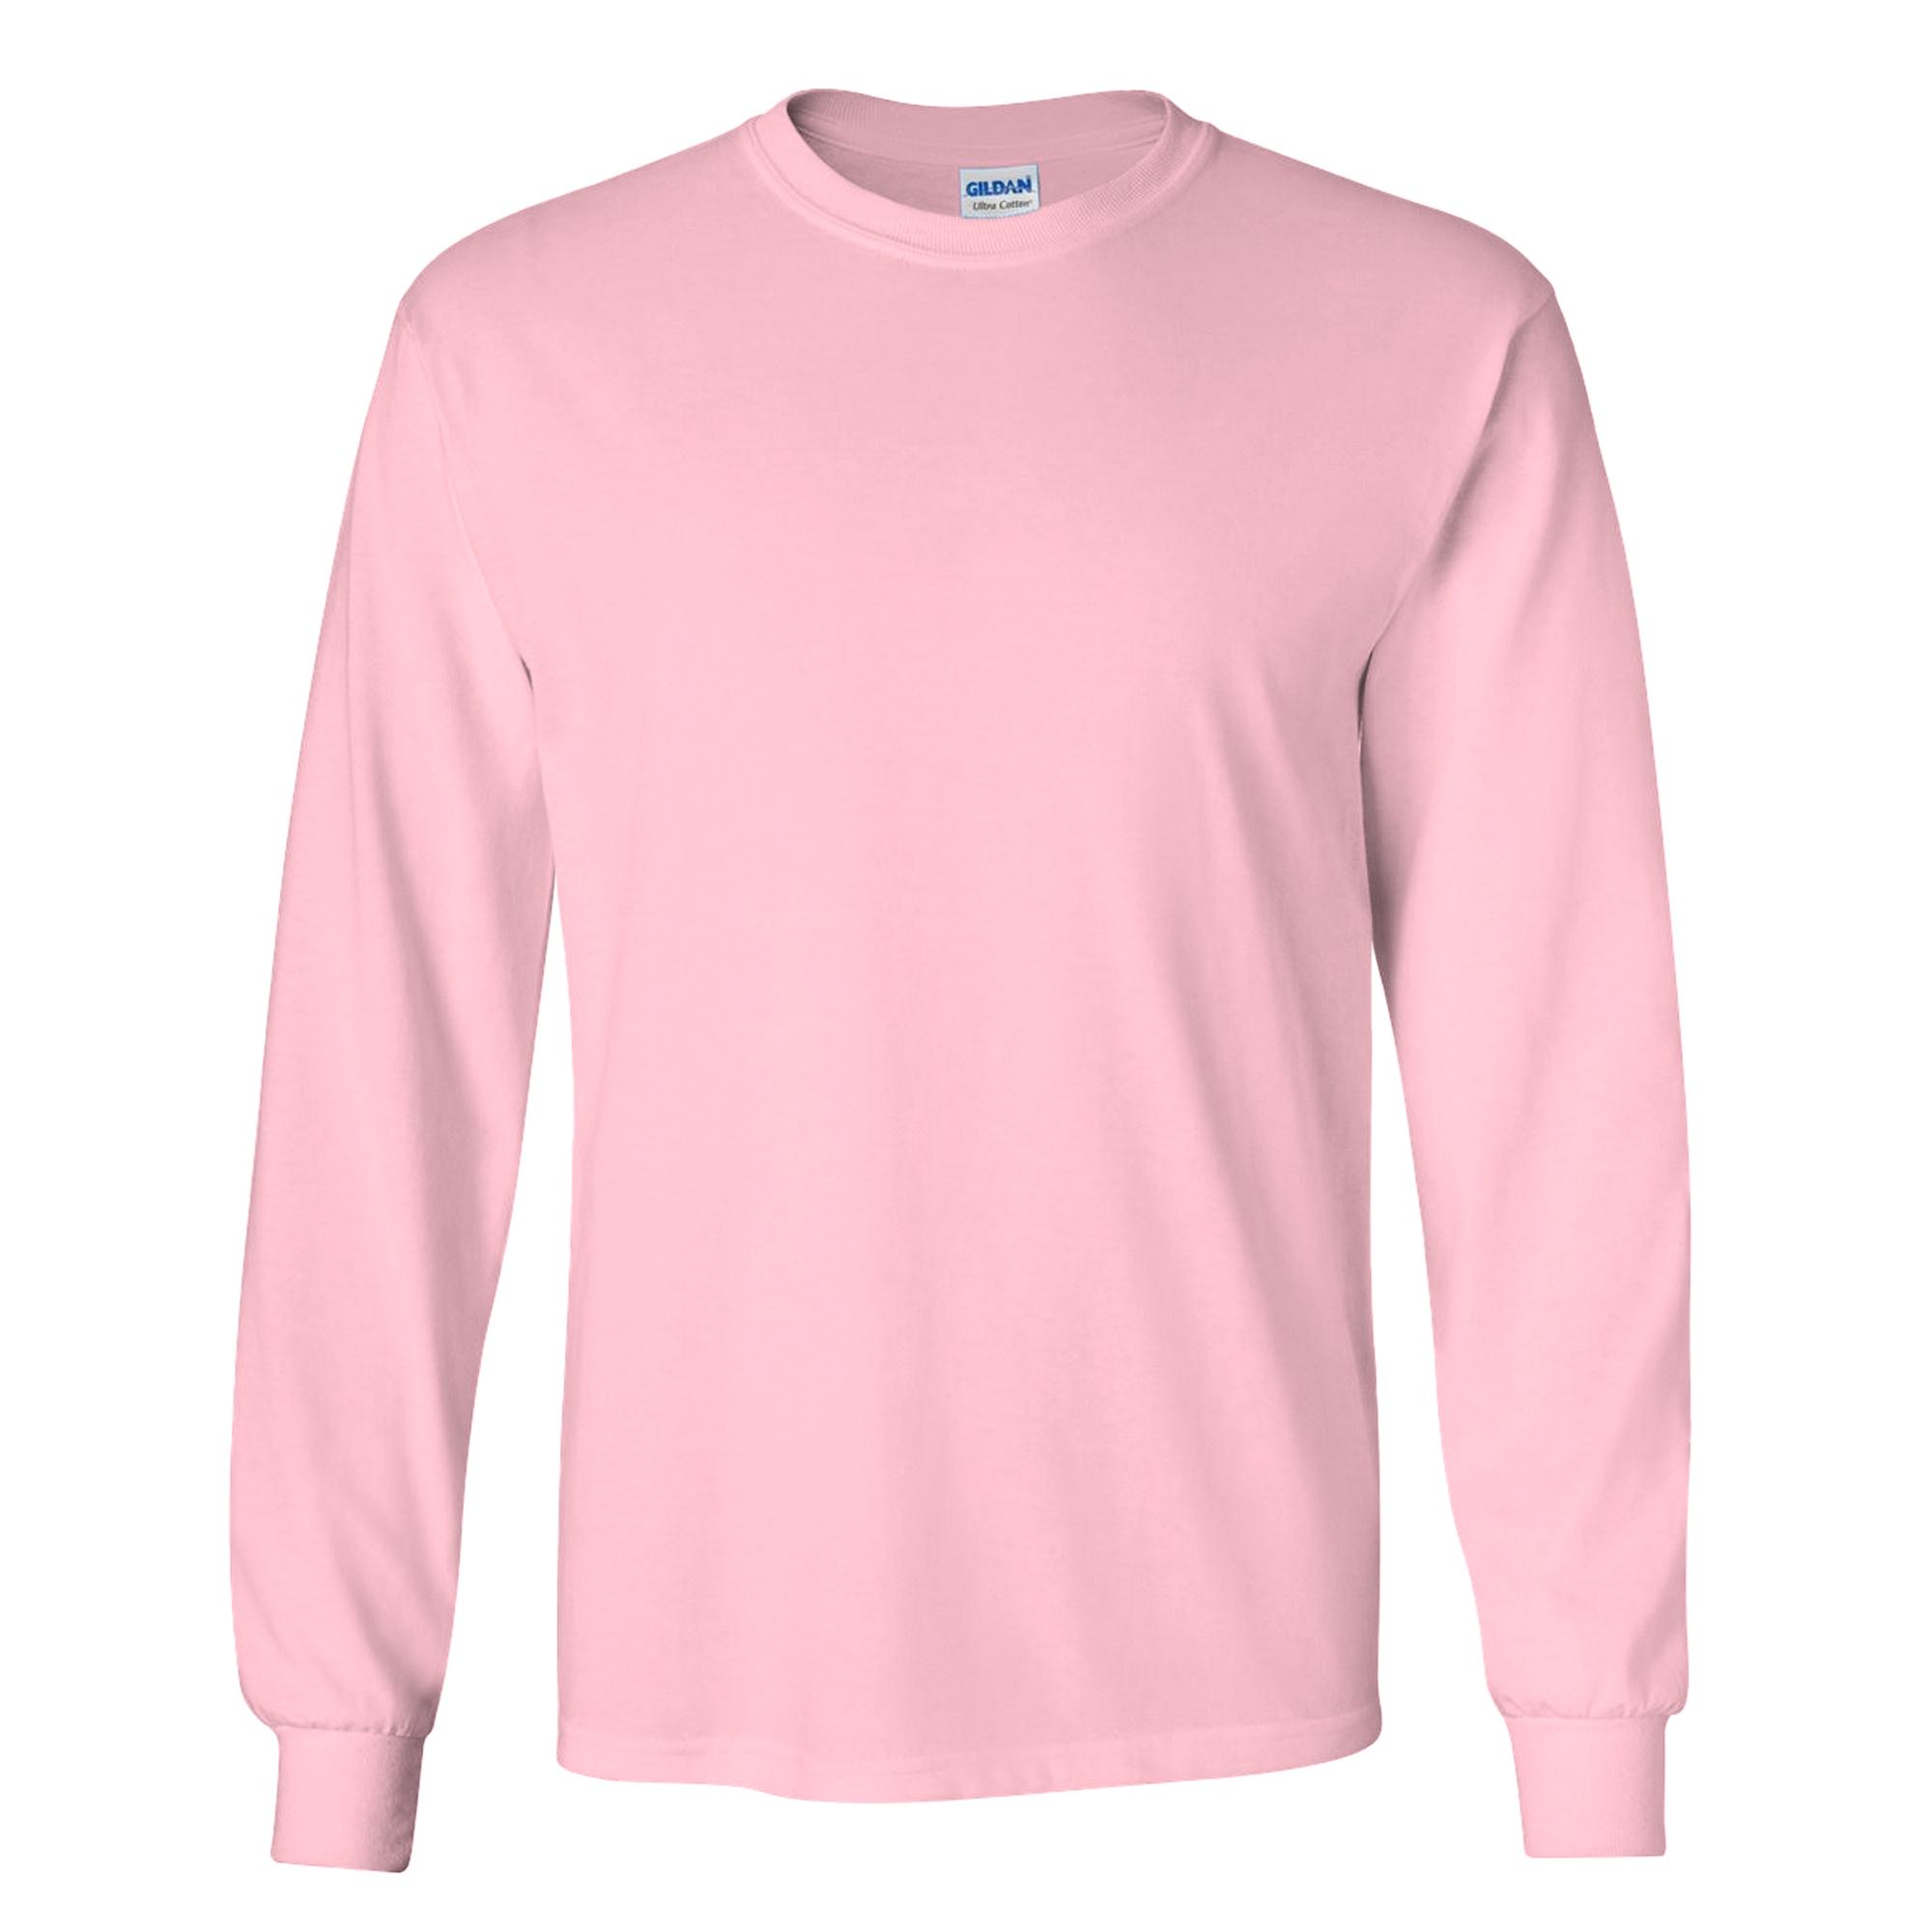 Gildan-Camiseta-basica-de-manga-larga-para-hombre-22-colores-diferentes